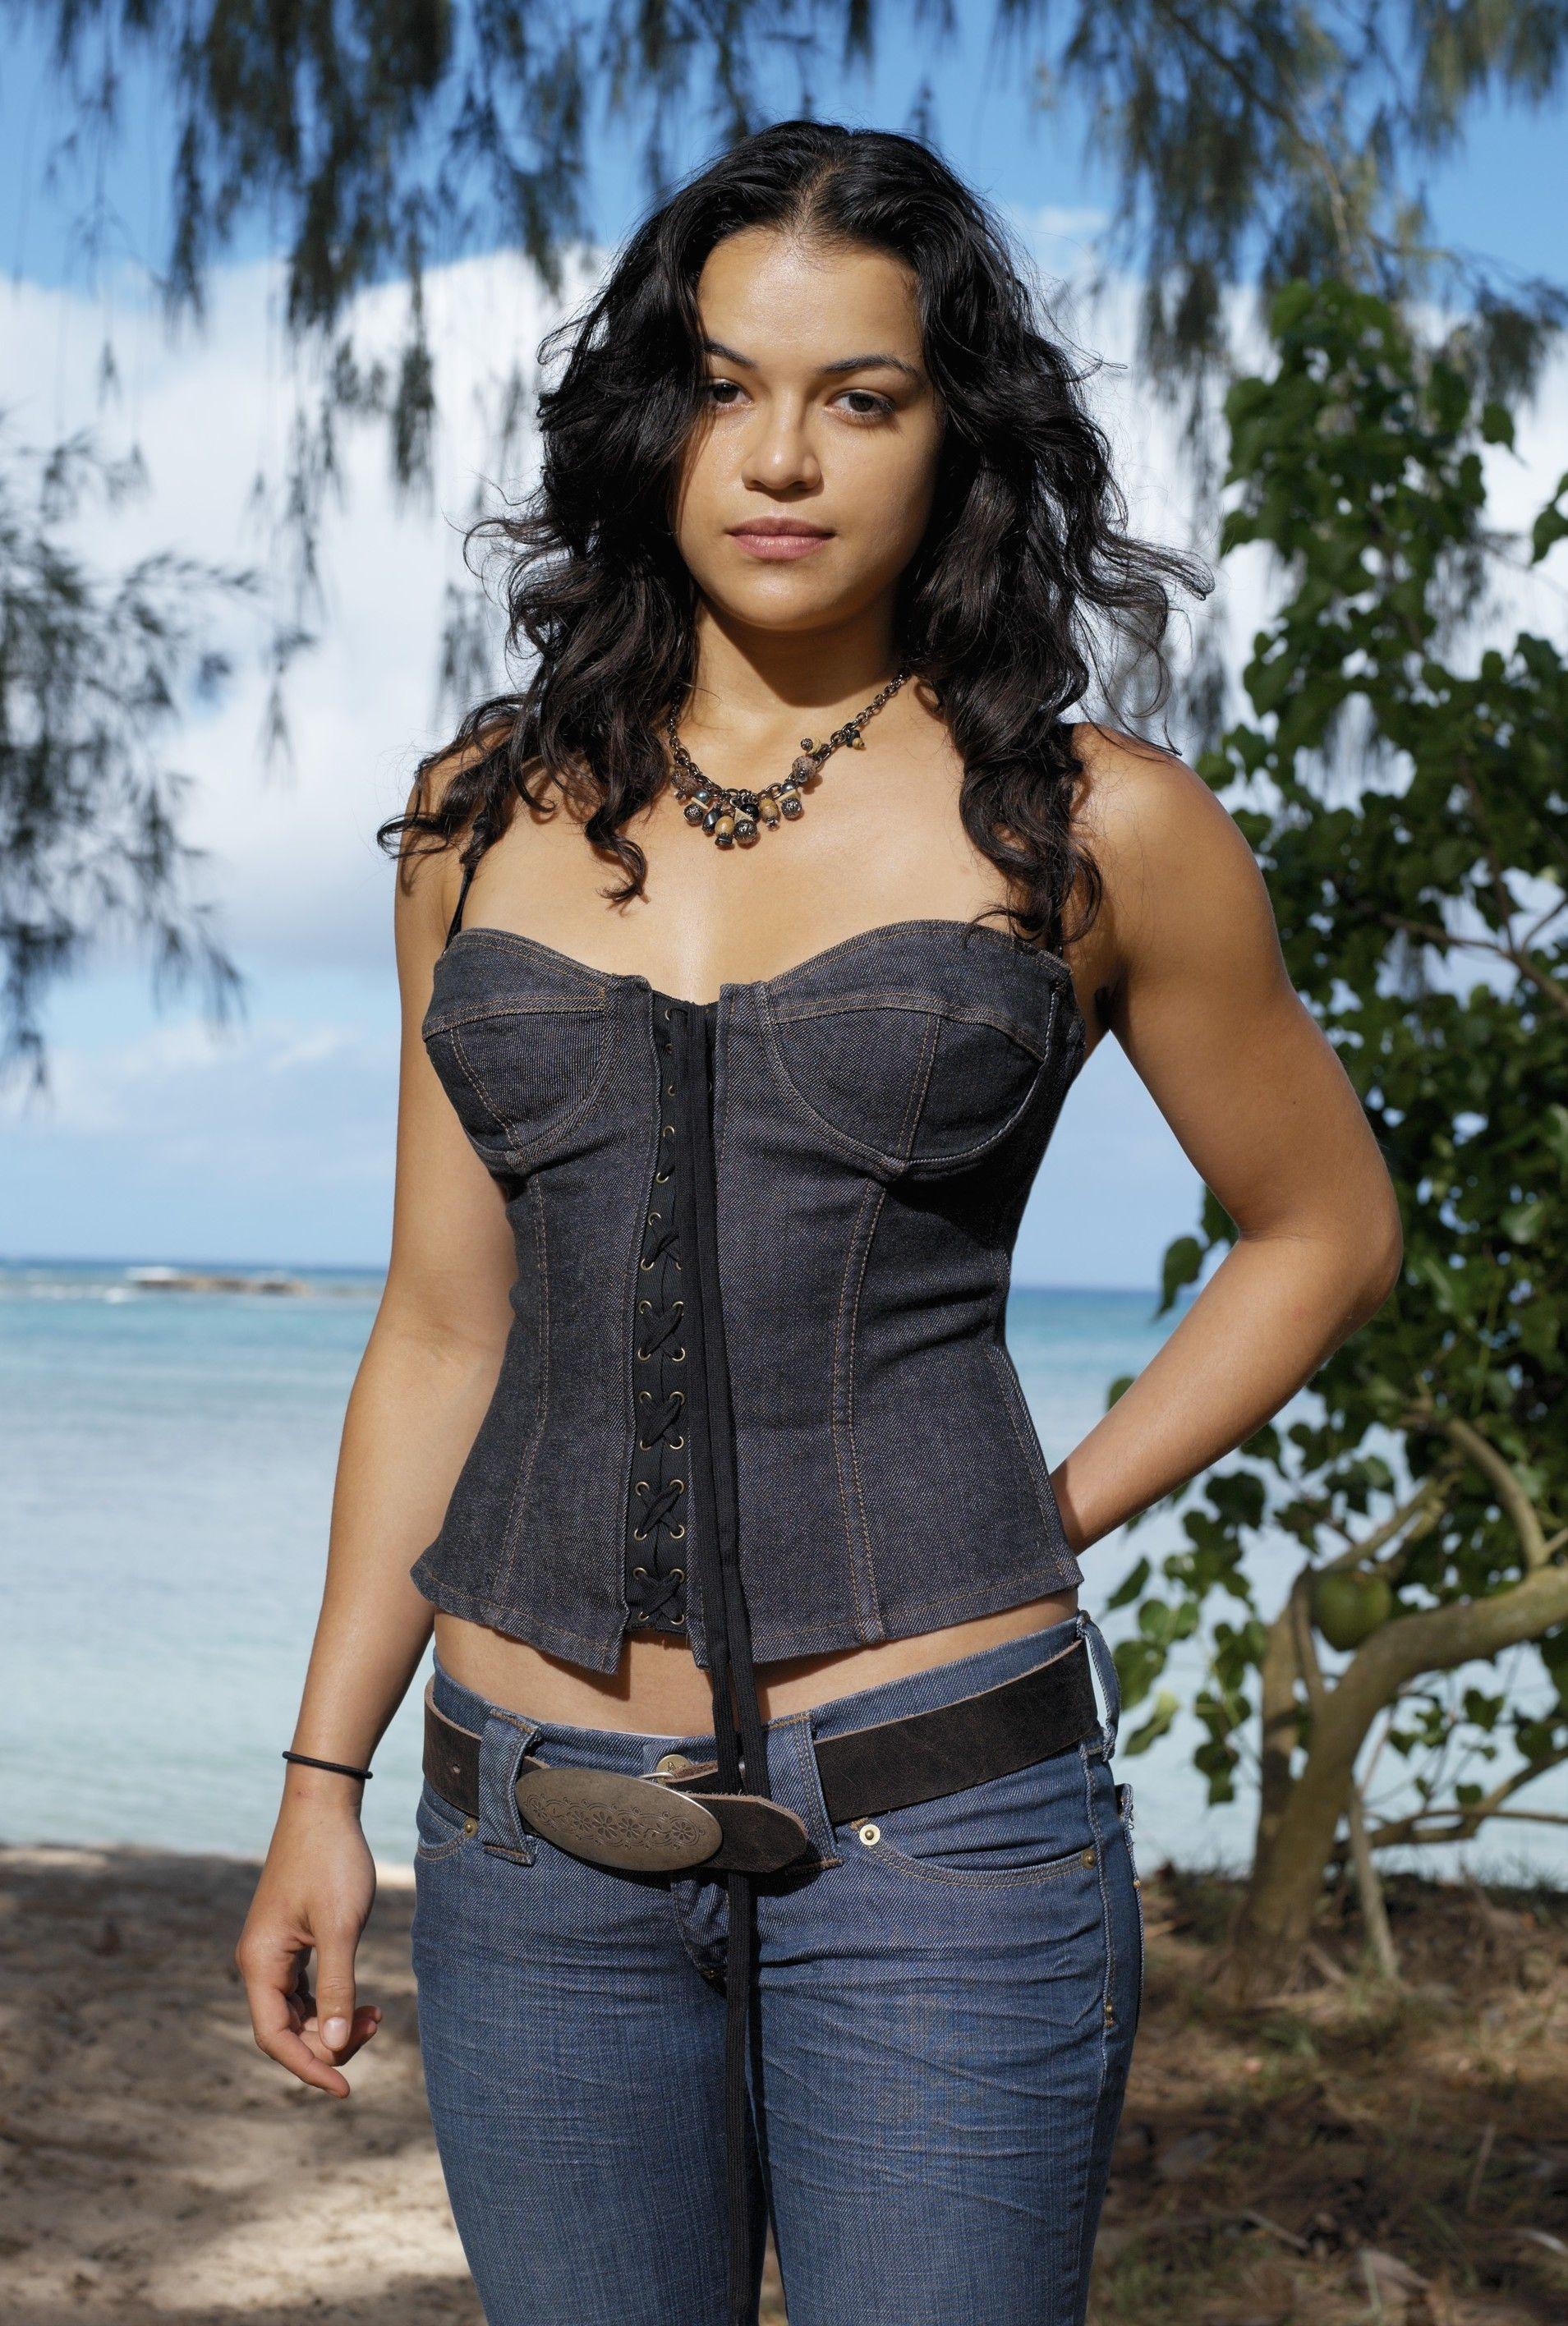 Ana Lucia Desnuda michelle rodriguez aka ana lucia cortez on lost season 2